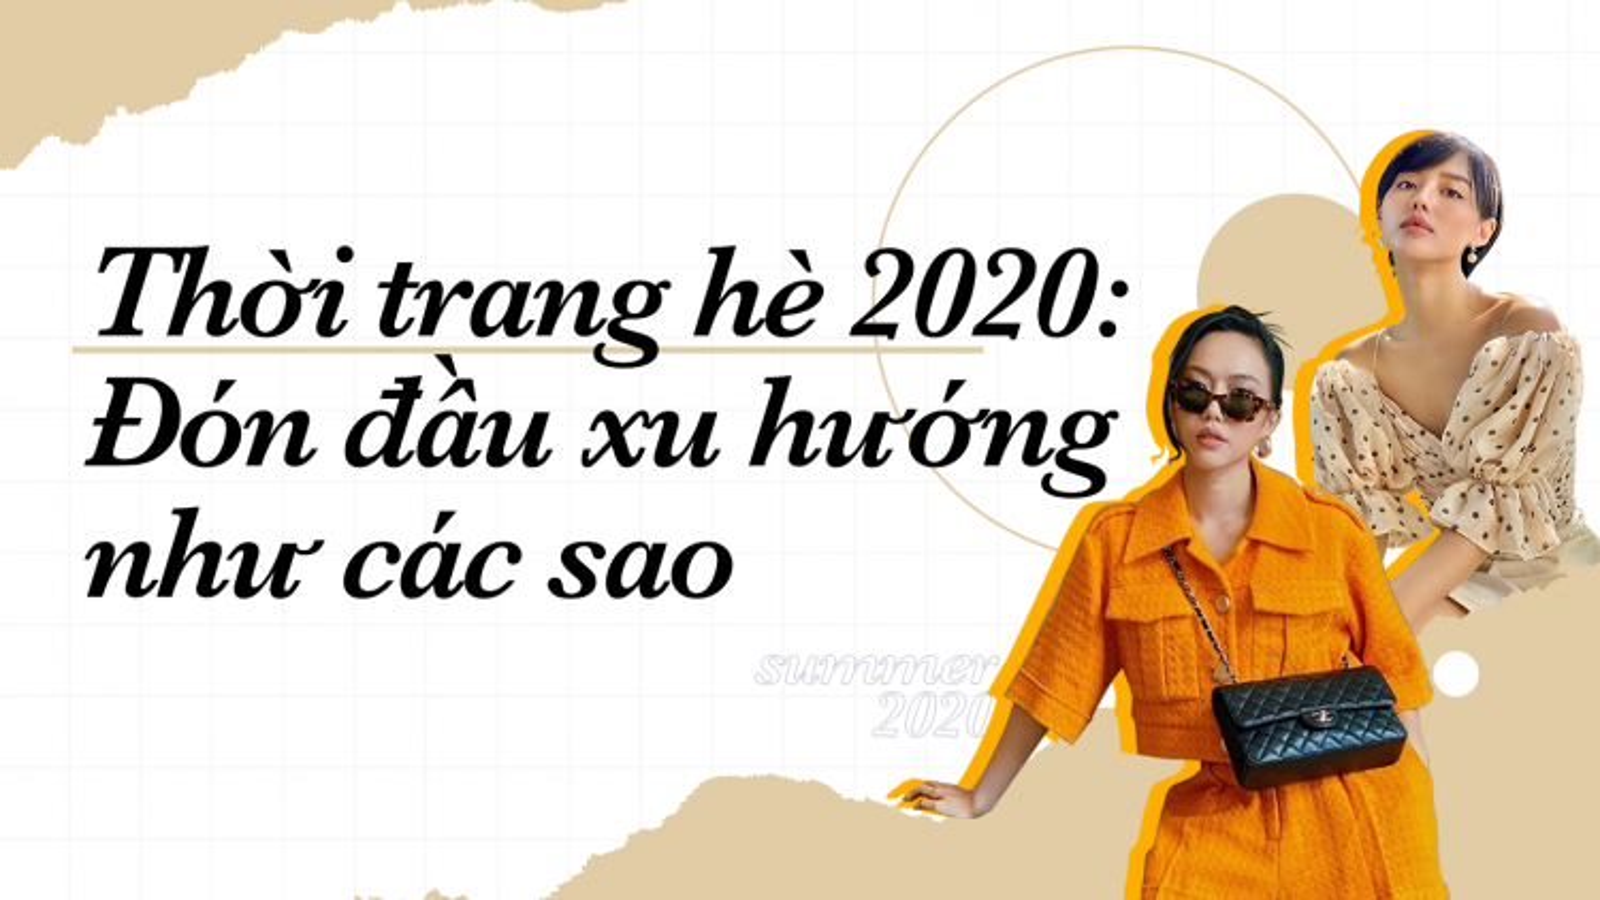 Thời trang hè 2020: Đón đầu xu hướng cực hot như các sao